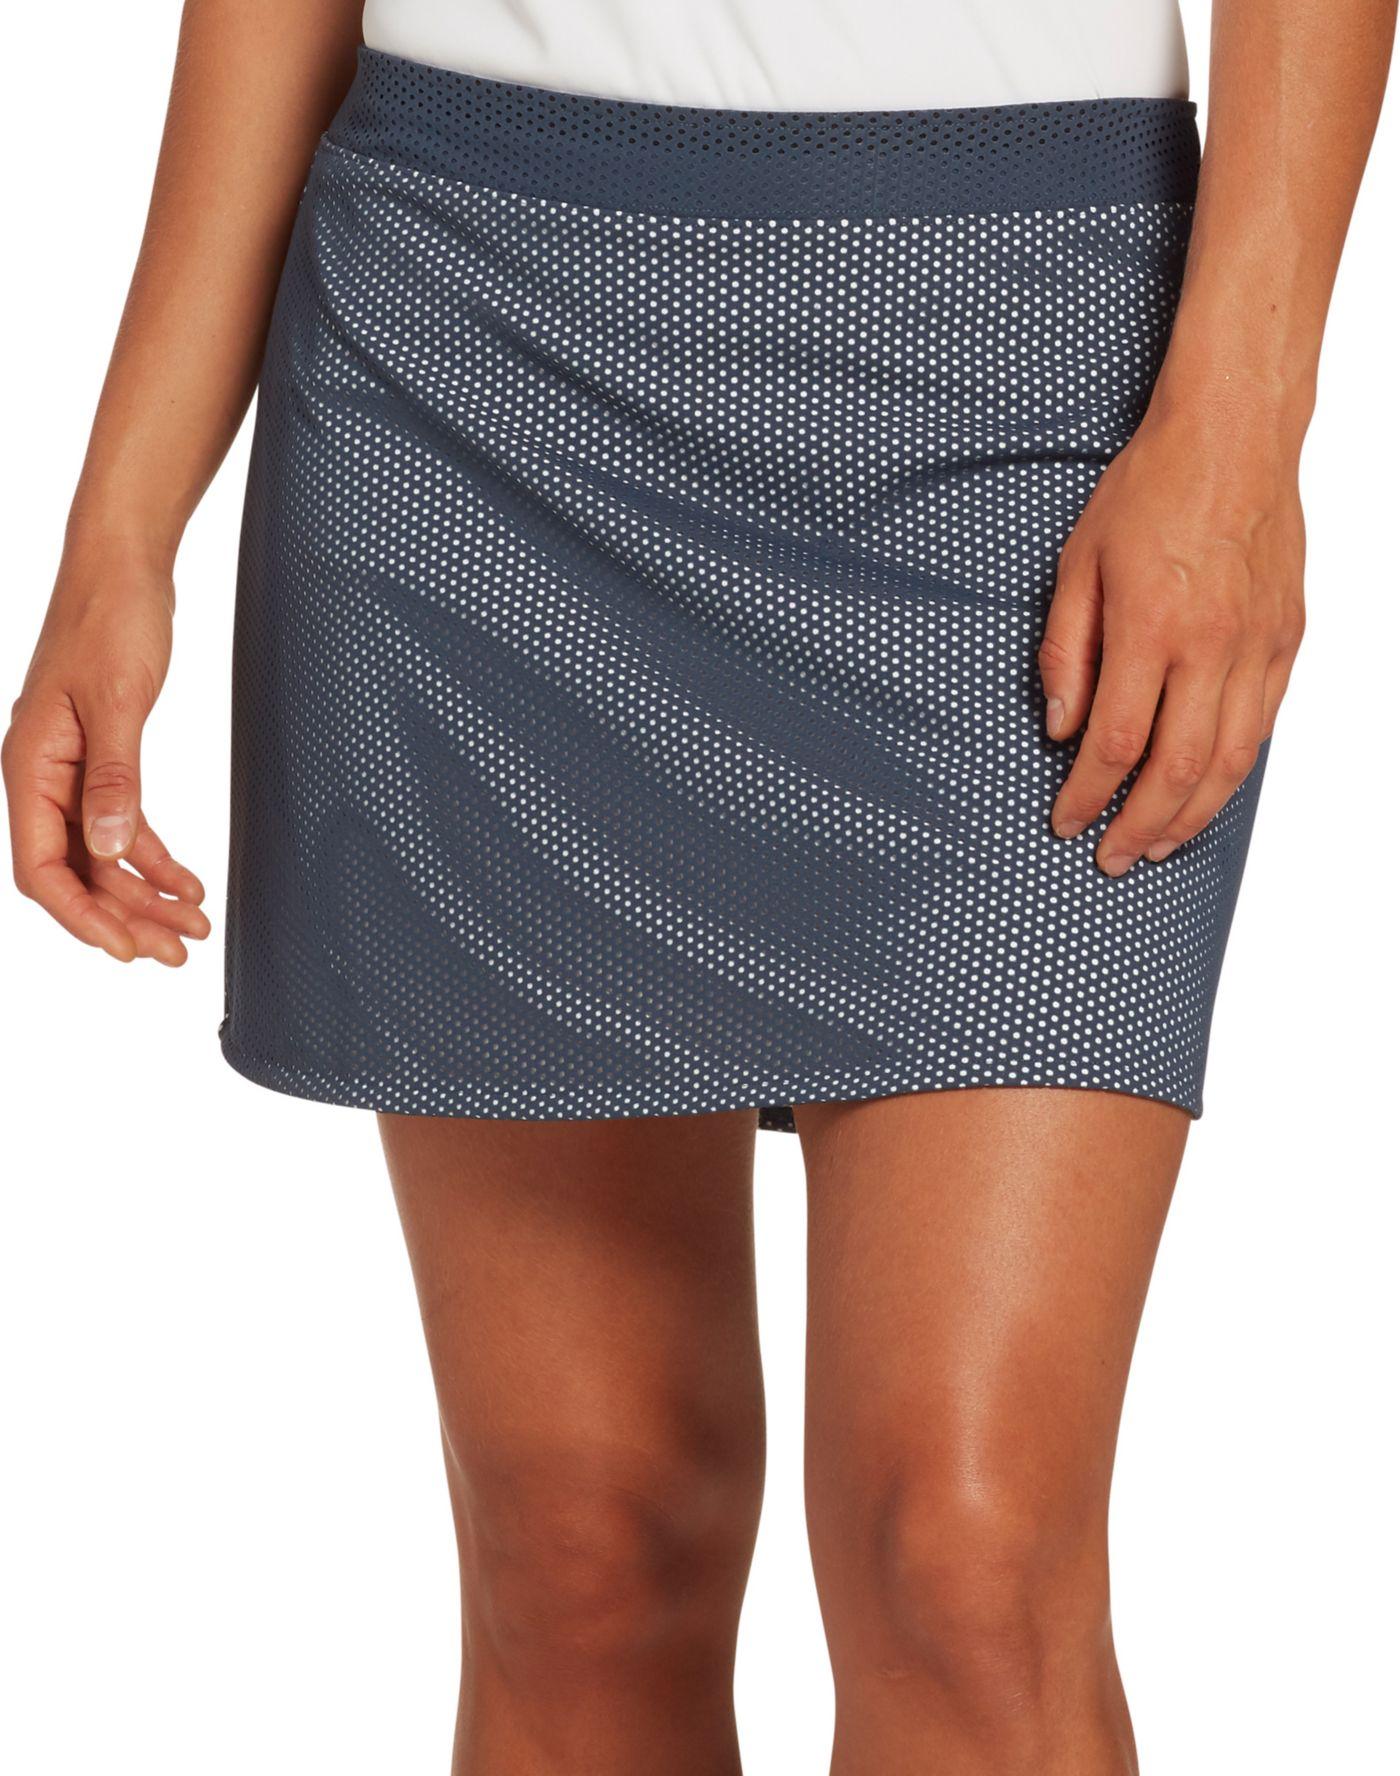 Slazenger Women's Knit Perforated Golf Skort